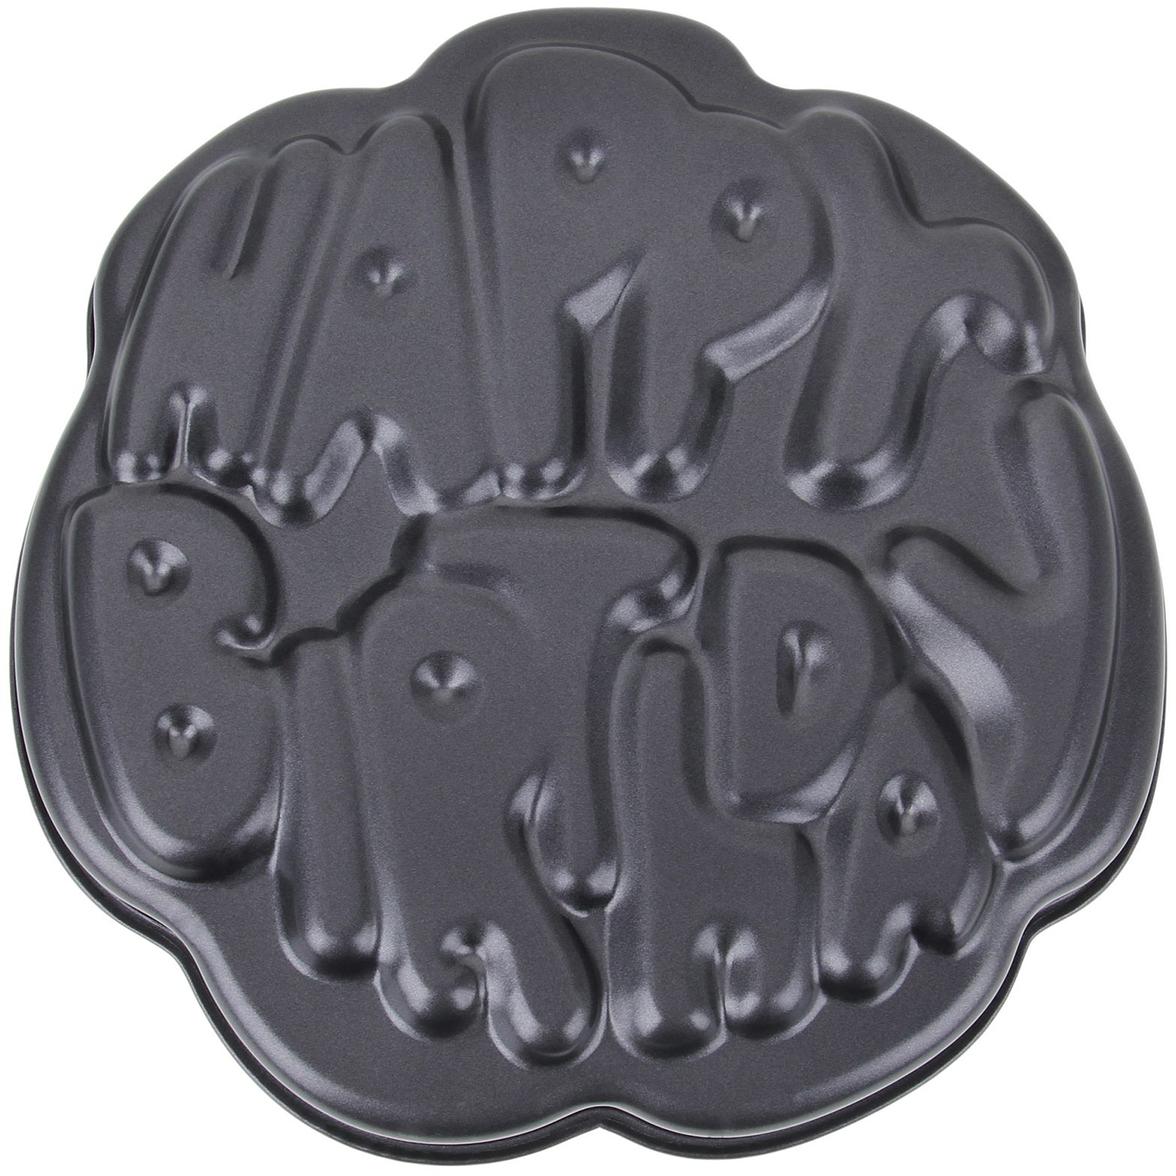 Форма для выпечки Доляна Happy Birthday, с антипригарным покрытием, 29 х 29 х 4,8 см1262293Оригинальная форма с антипригарным покрытием пригодится каждому повару, который привык готовить быстро, вкусно и...красиво. Достоинства предмета Материал — углеродистая сталь — отличается особой прочностью и сохраняет все эксплуатационные свойства при температуре до +450 °С. Эффективное теплораспределение ускоряет процесс готовки. Антипригарное покрытие оберегает блюда от пригорания и сокращает расход масла. Поверхность не впитывает запахов и не вступает в реакции с продуктами питания. Форма легко отмывается. При аккуратном использовании изделие прослужит долгие годы. Рекомендуется избегать применения металлических предметов, губок и высокоабразивных моющих средств. Перед первым использованием тщательно промойте форму.